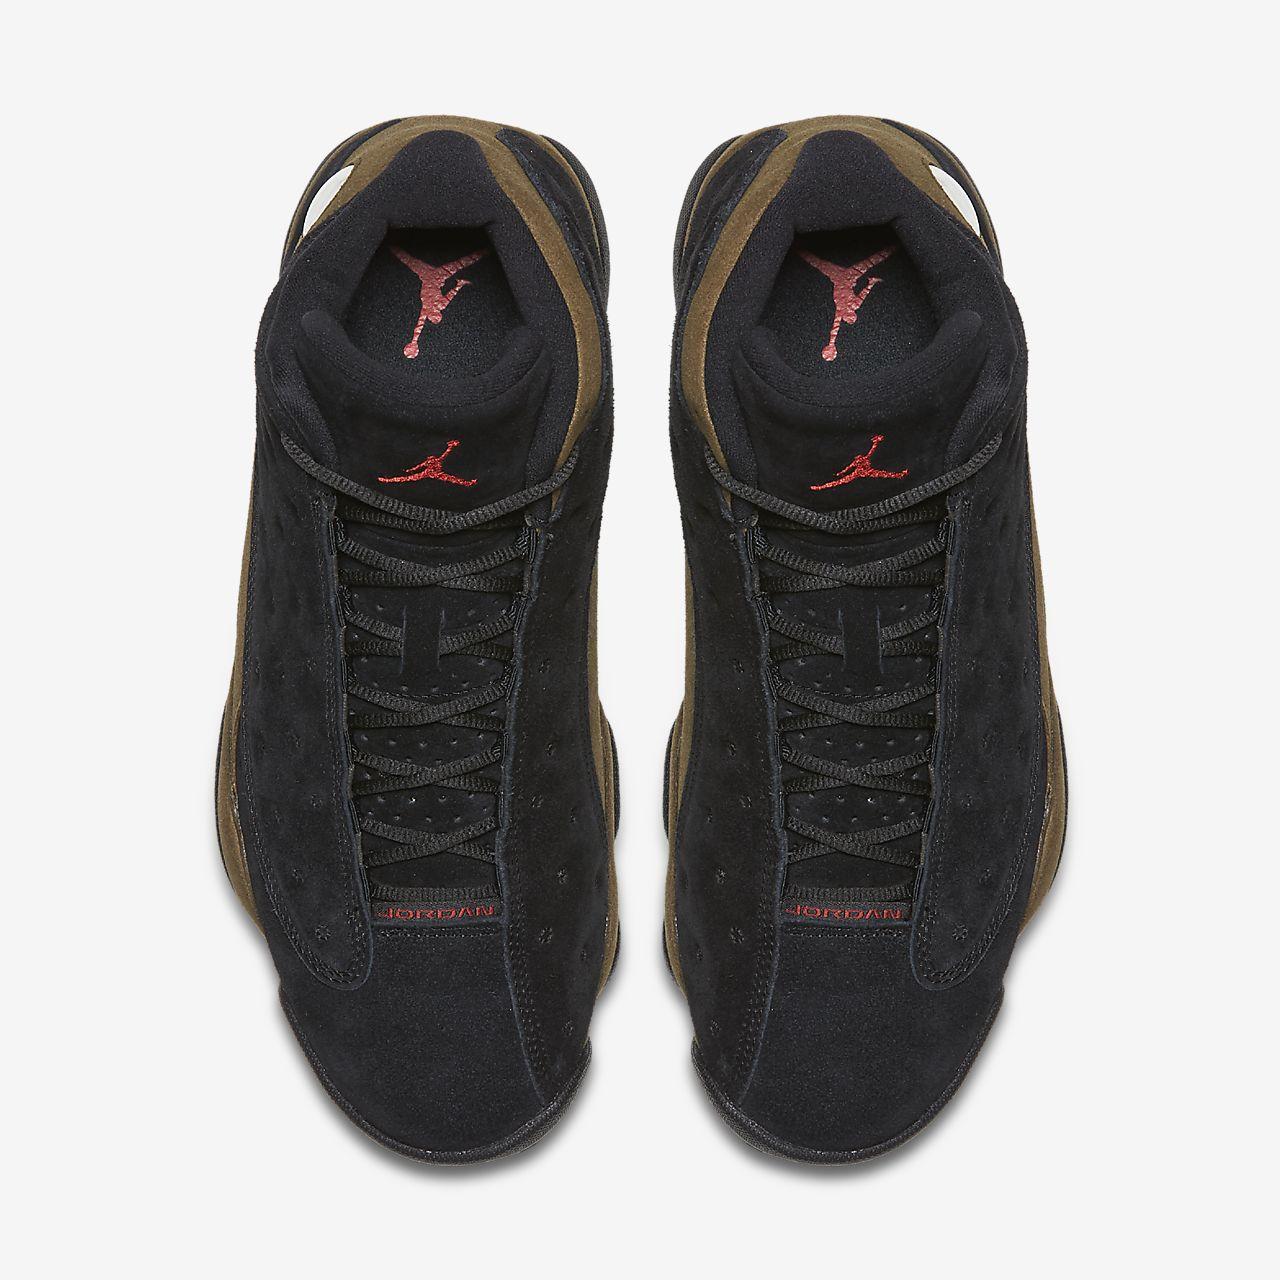 mens retro jordan shoes 13 nz